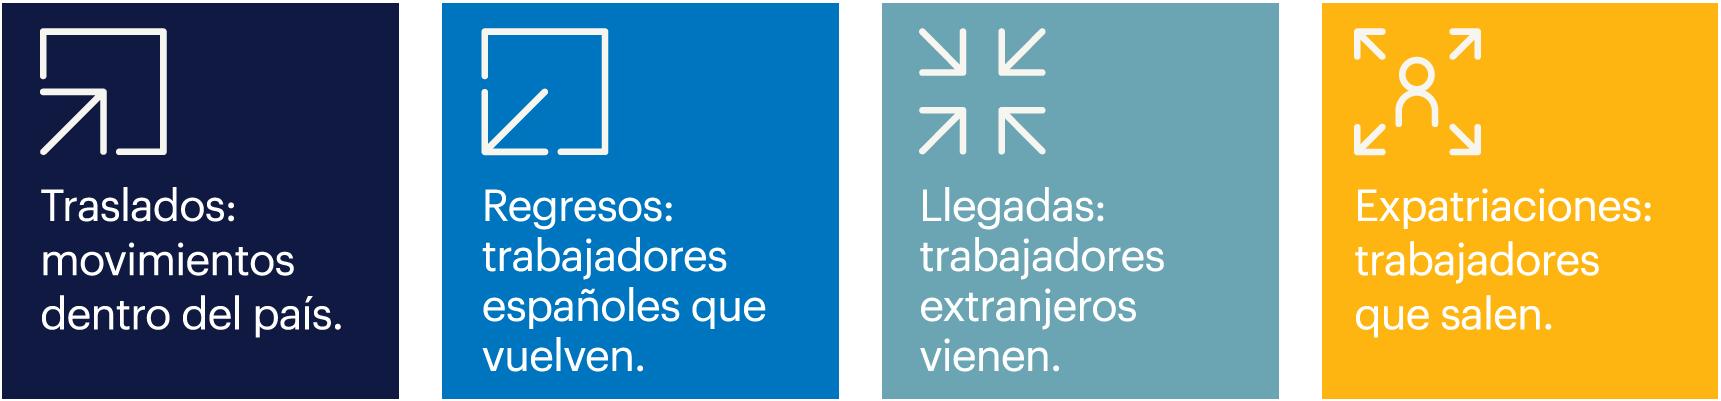 04. Imagen pogramas de transicion laboral en diferentes situaciones - Programas de apoyo a la movilidad